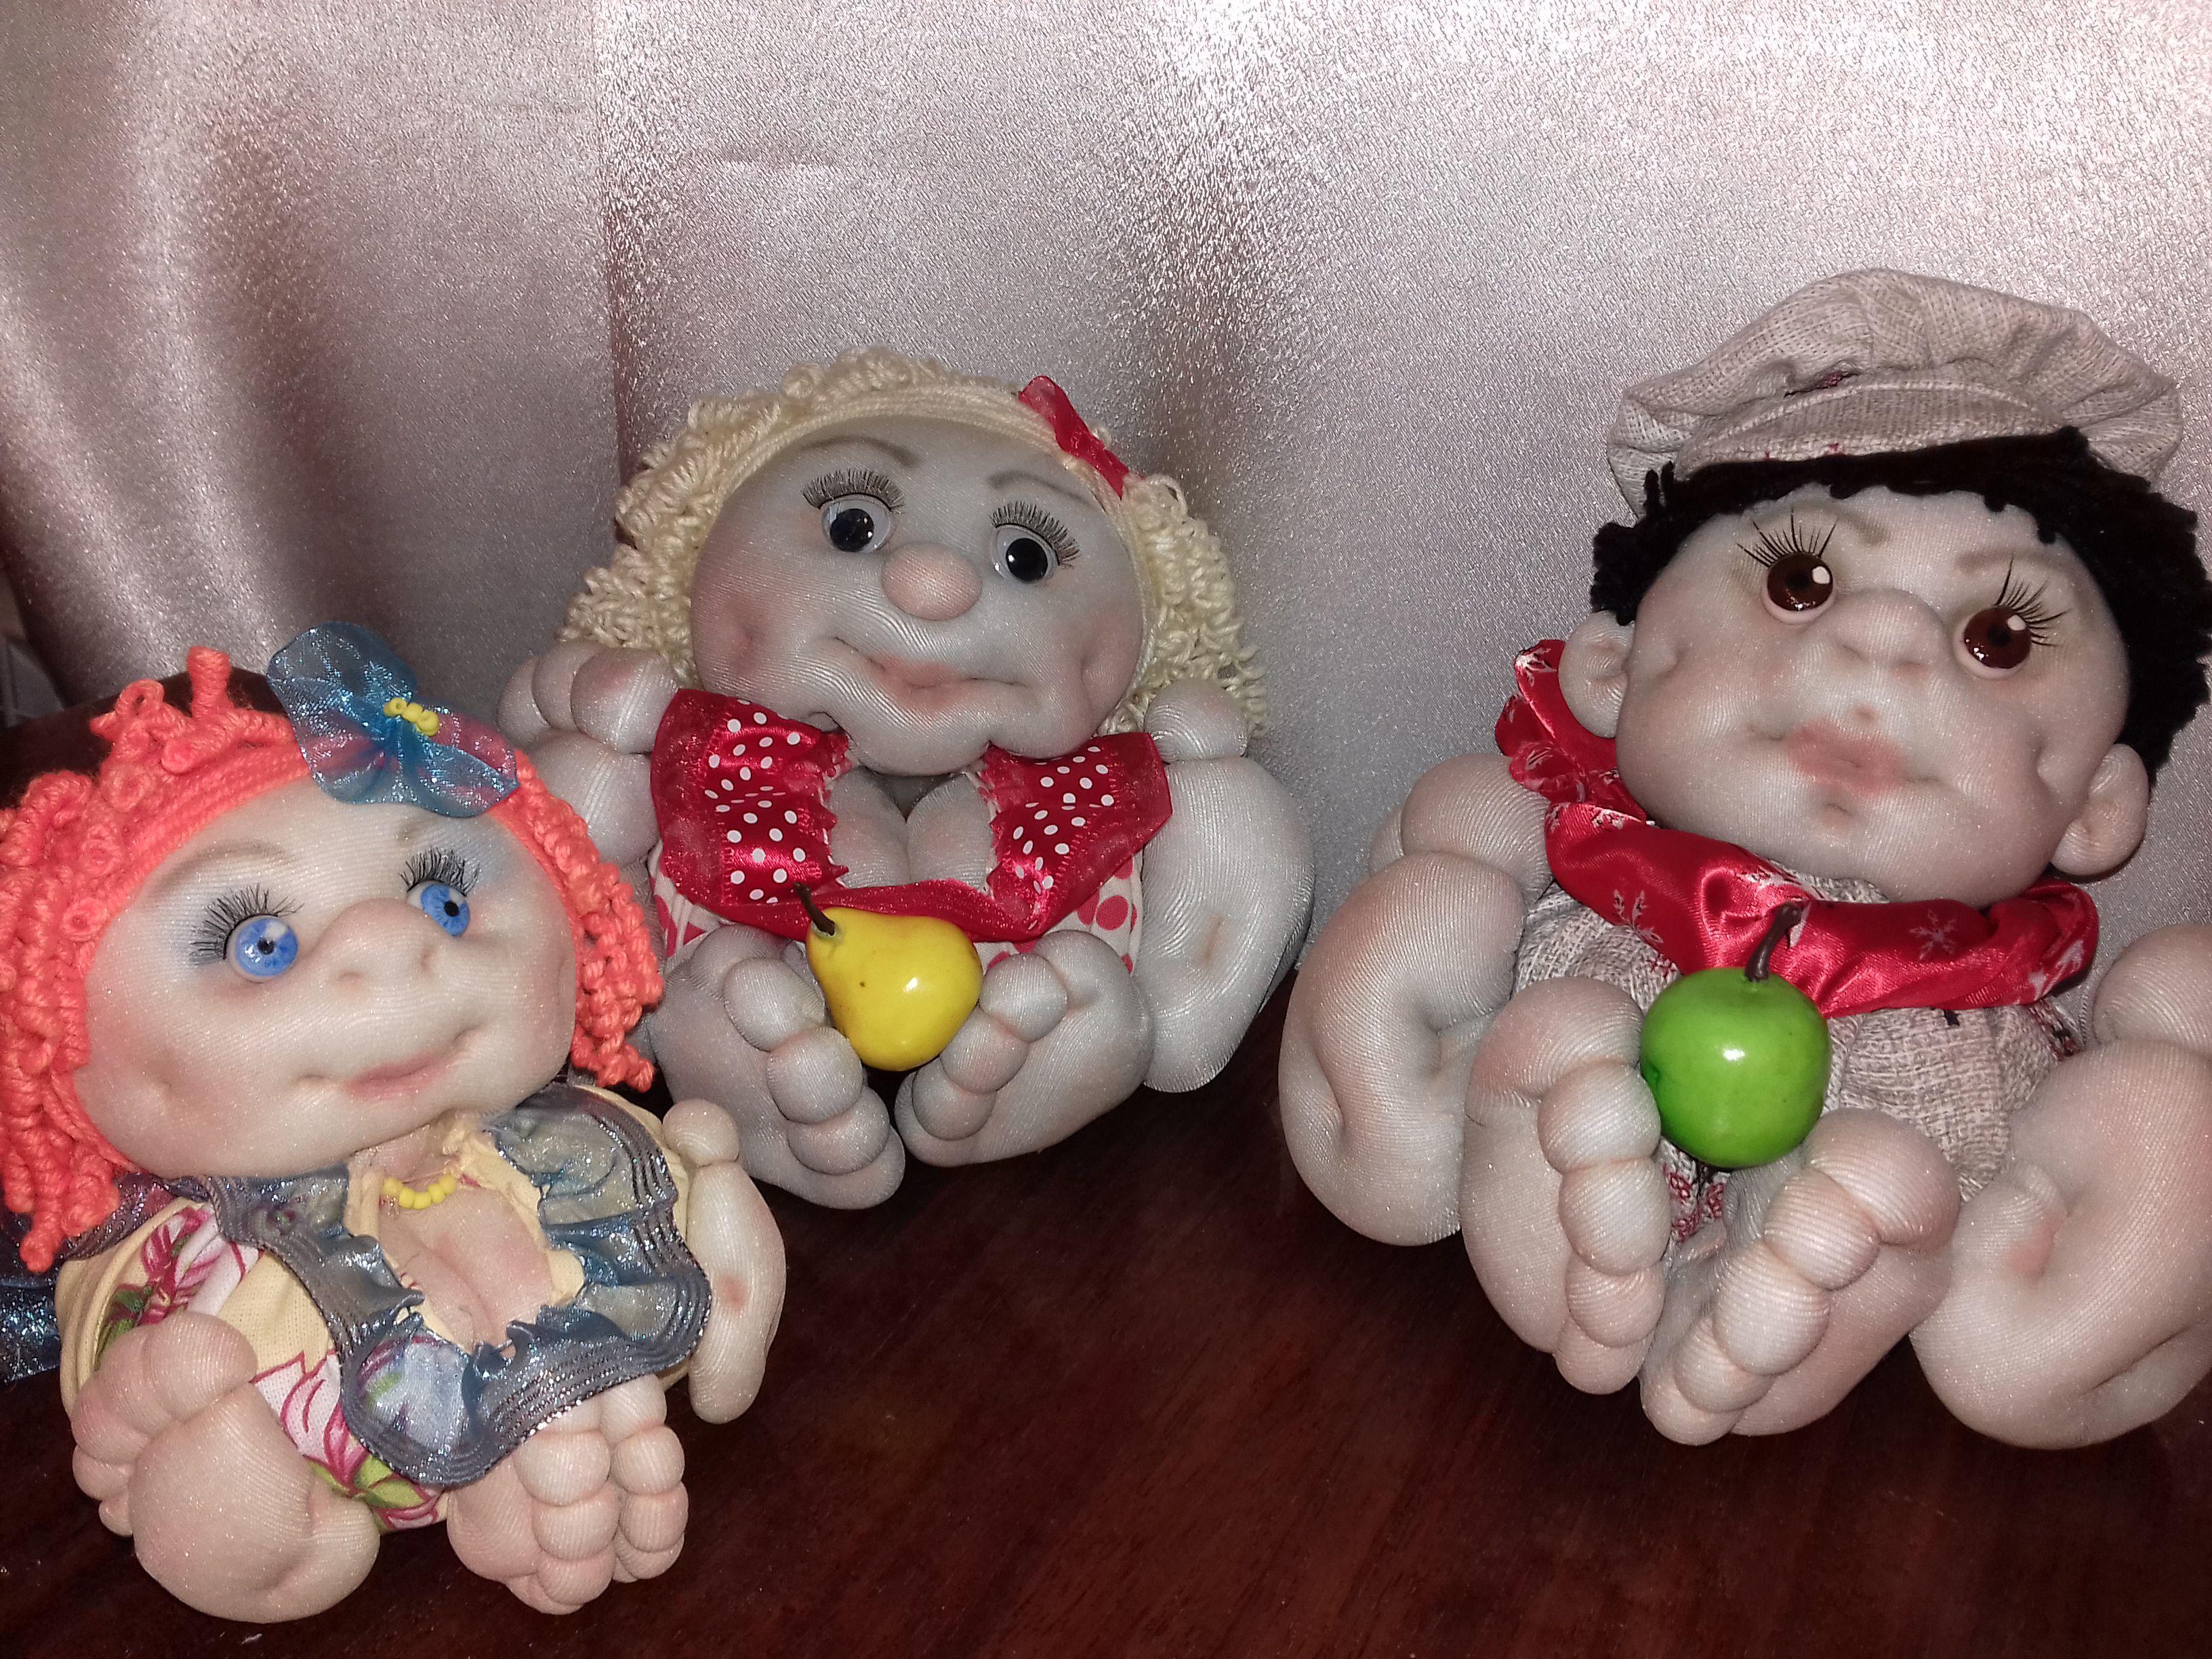 вручную работы ручной сделано кукла авторская на заказ сделаю